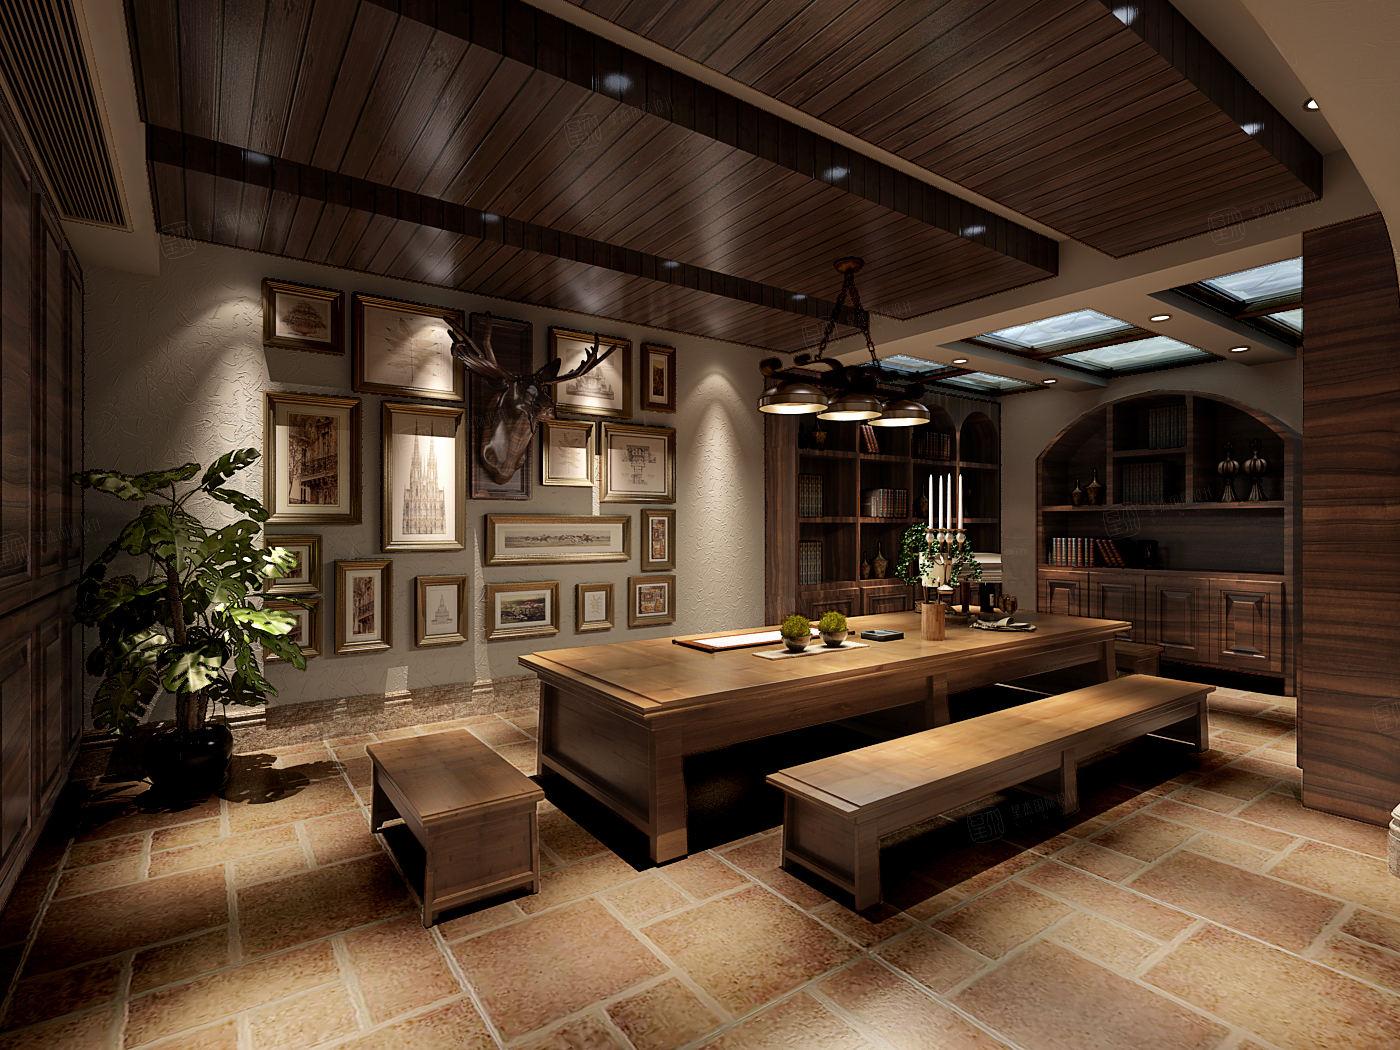 同润圣塔路斯 异域风情装修茶室效果图